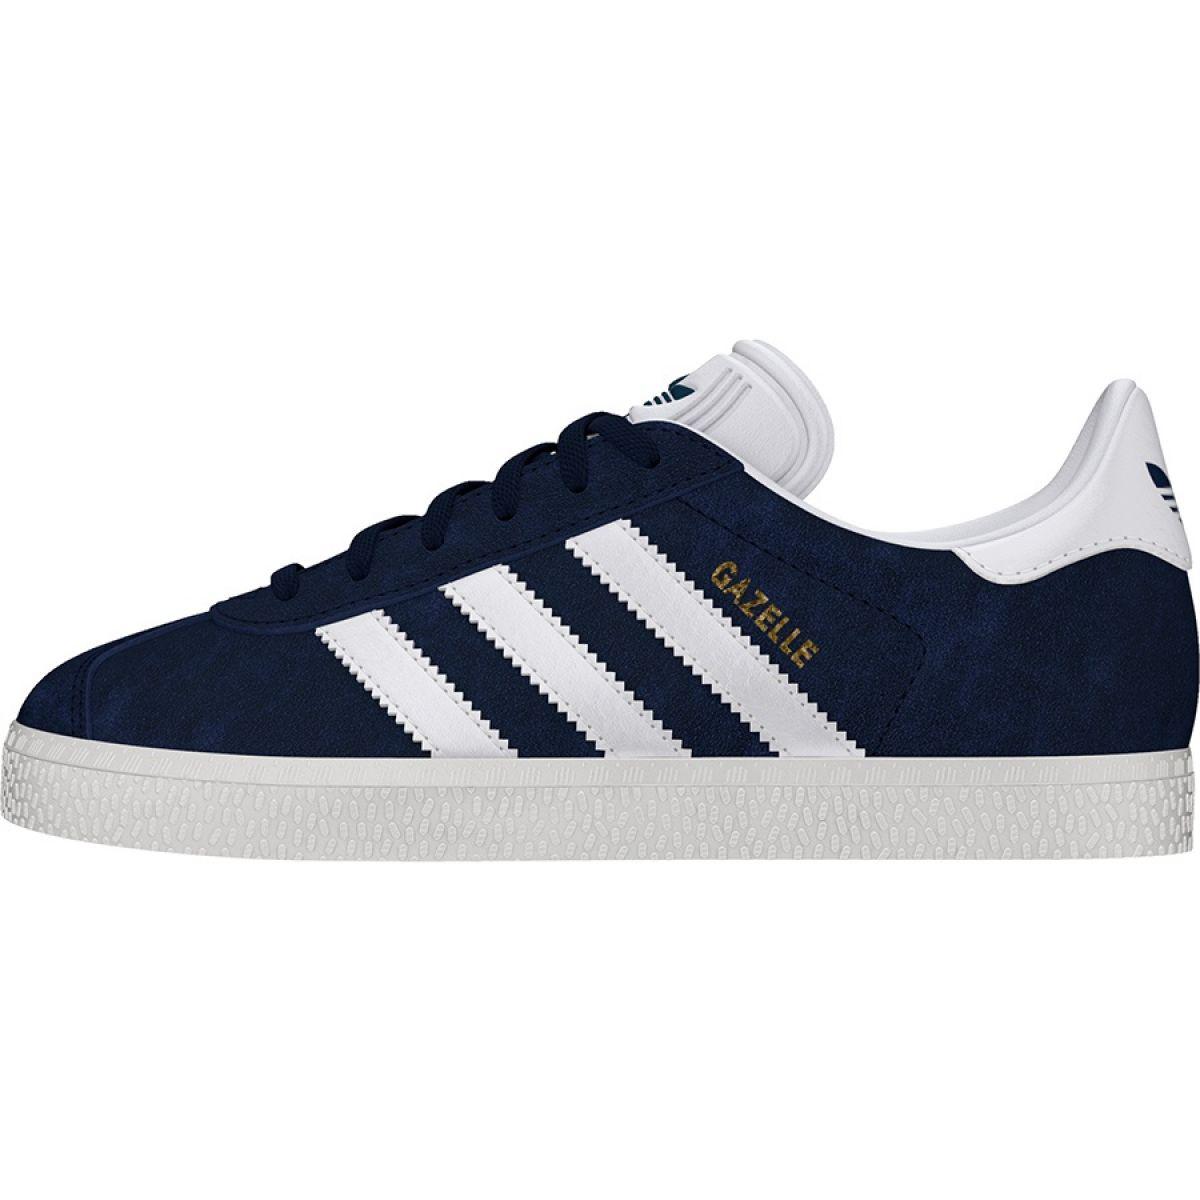 08efff1e2d0 Details about Navy Adidas Originals Gazelle Jr BY9144 shoes